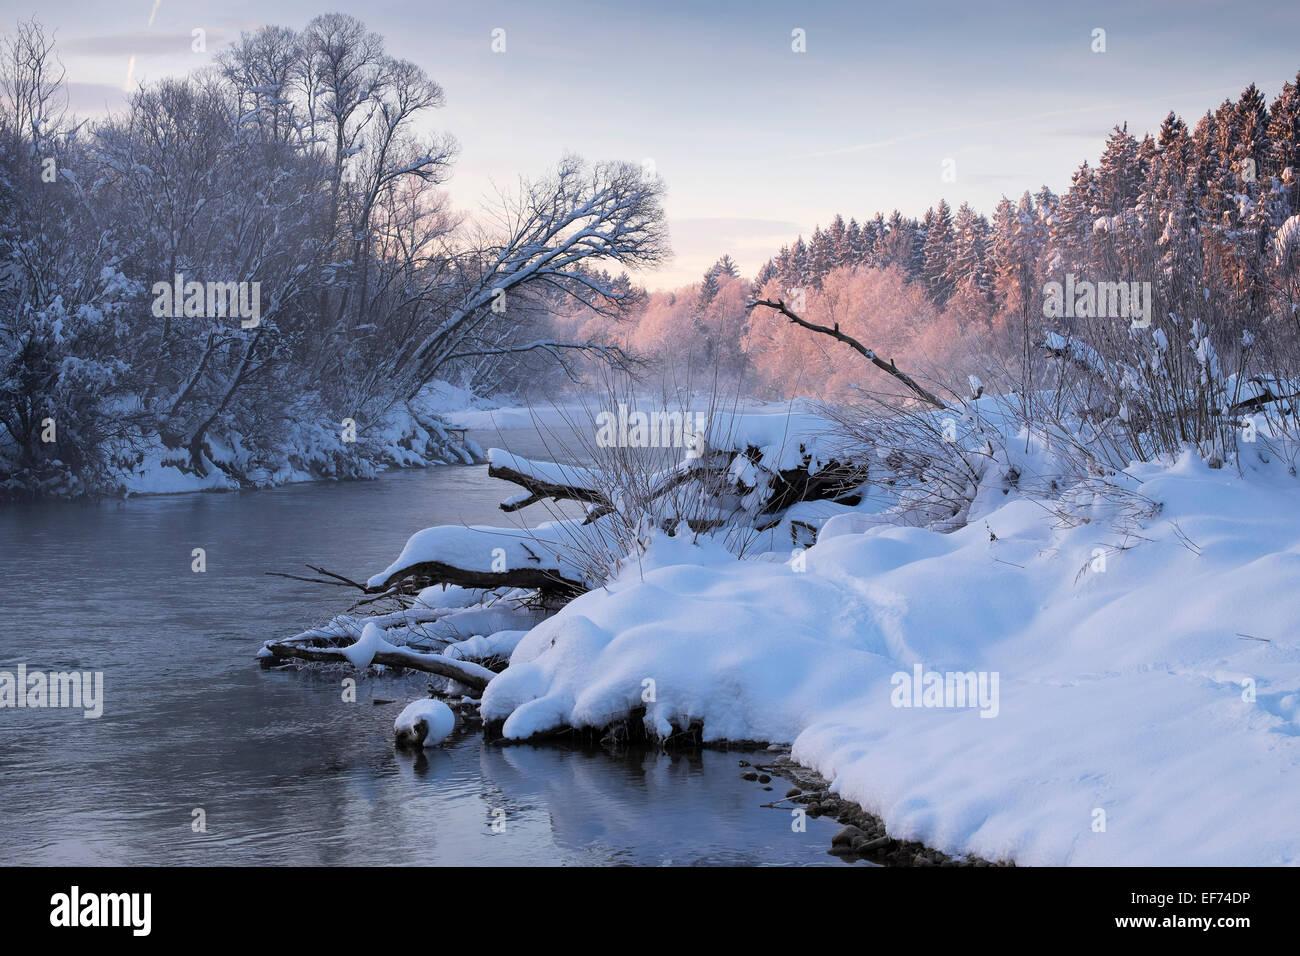 Winter morning, Isar river, Pupplinger Au, Geretsried, Upper Bavaria, Bavaria, Germany - Stock Image